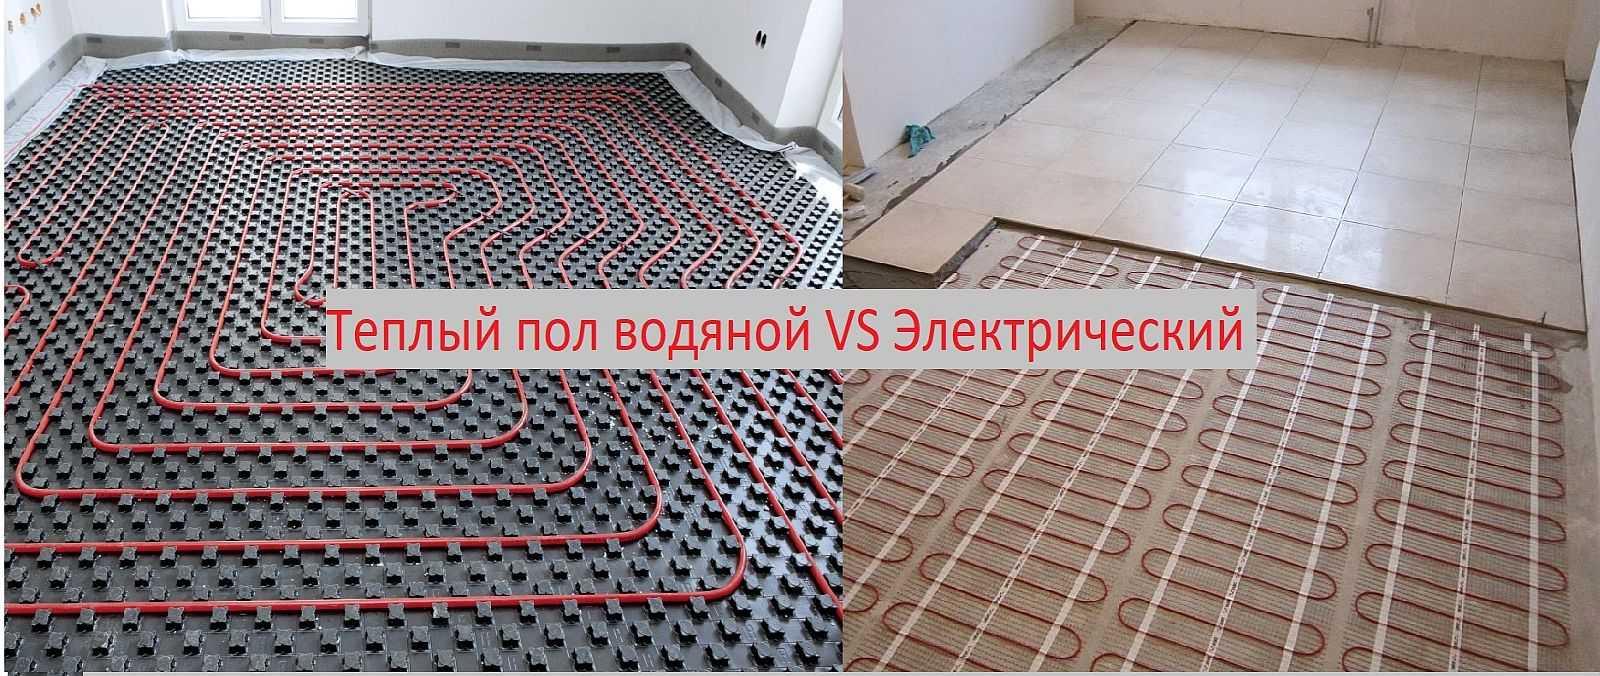 Рекомендации по выбору электрического теплого пола